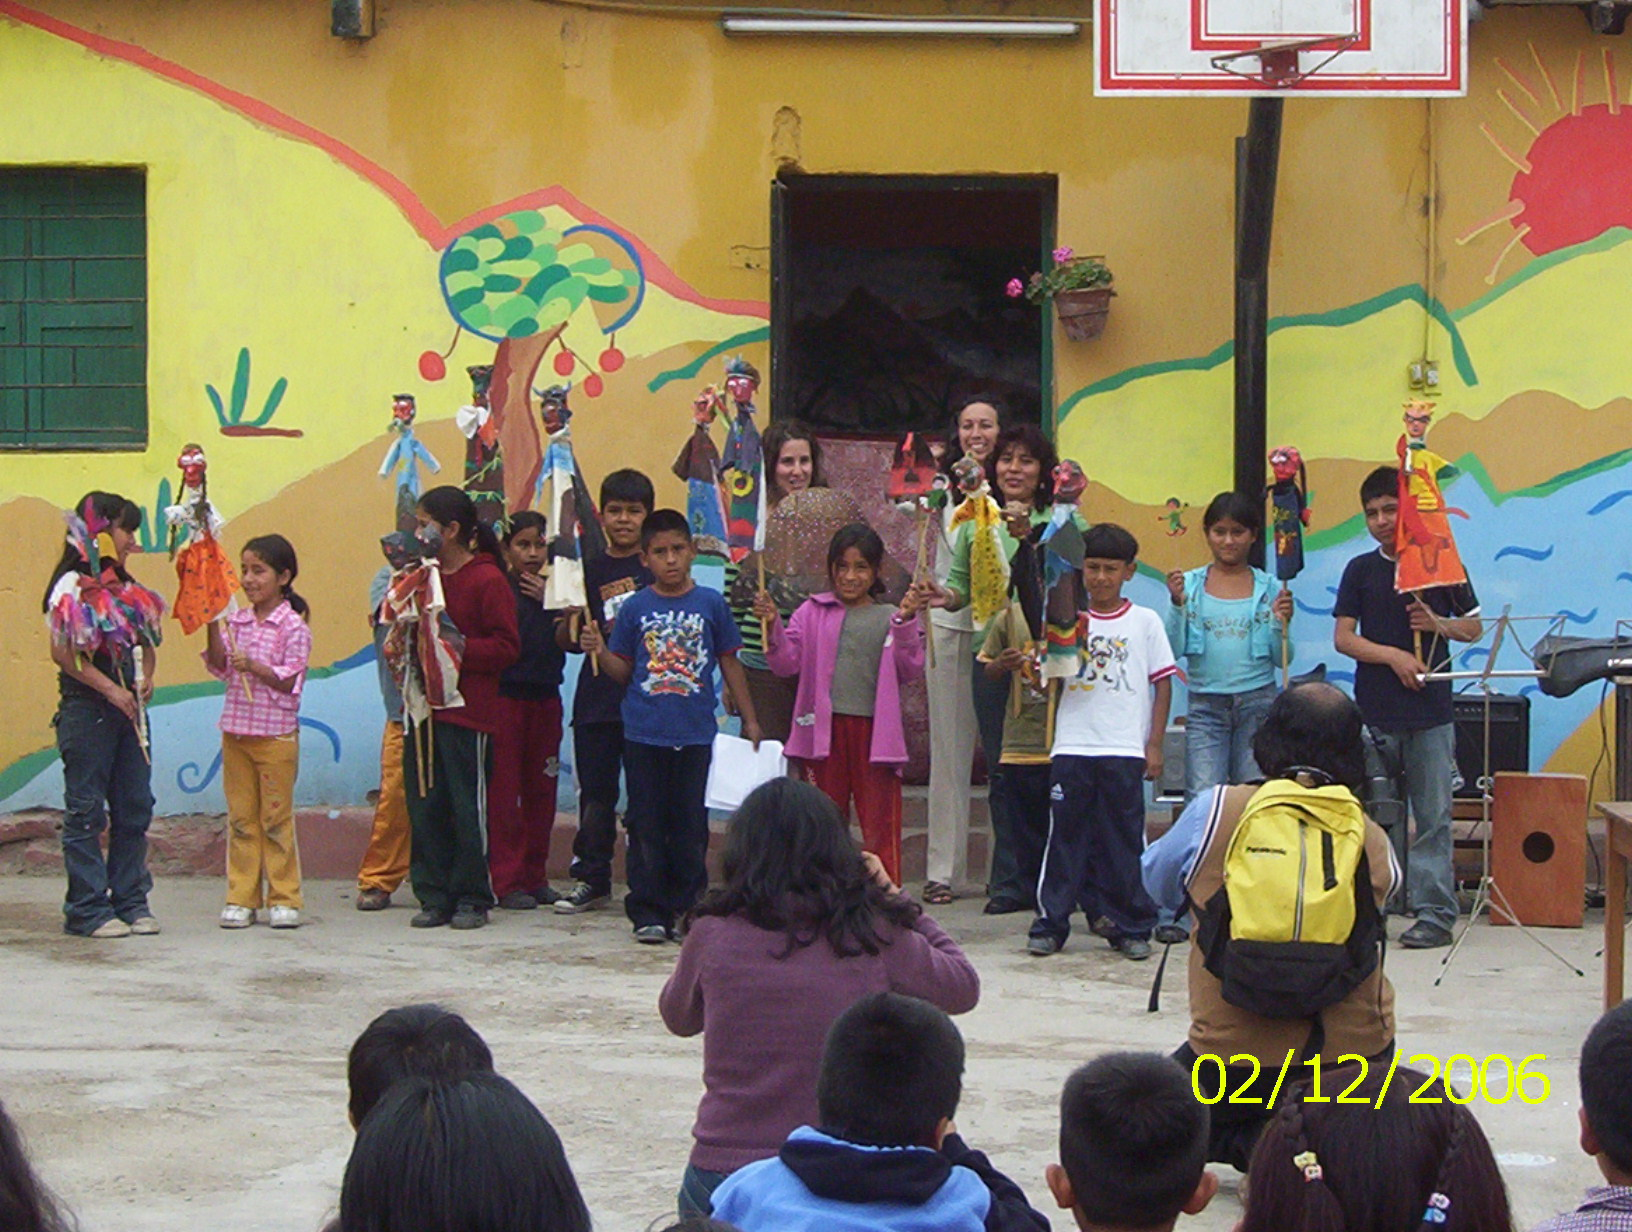 Escuela DECLARA, educando mediante el arte - Asociación UNACEM